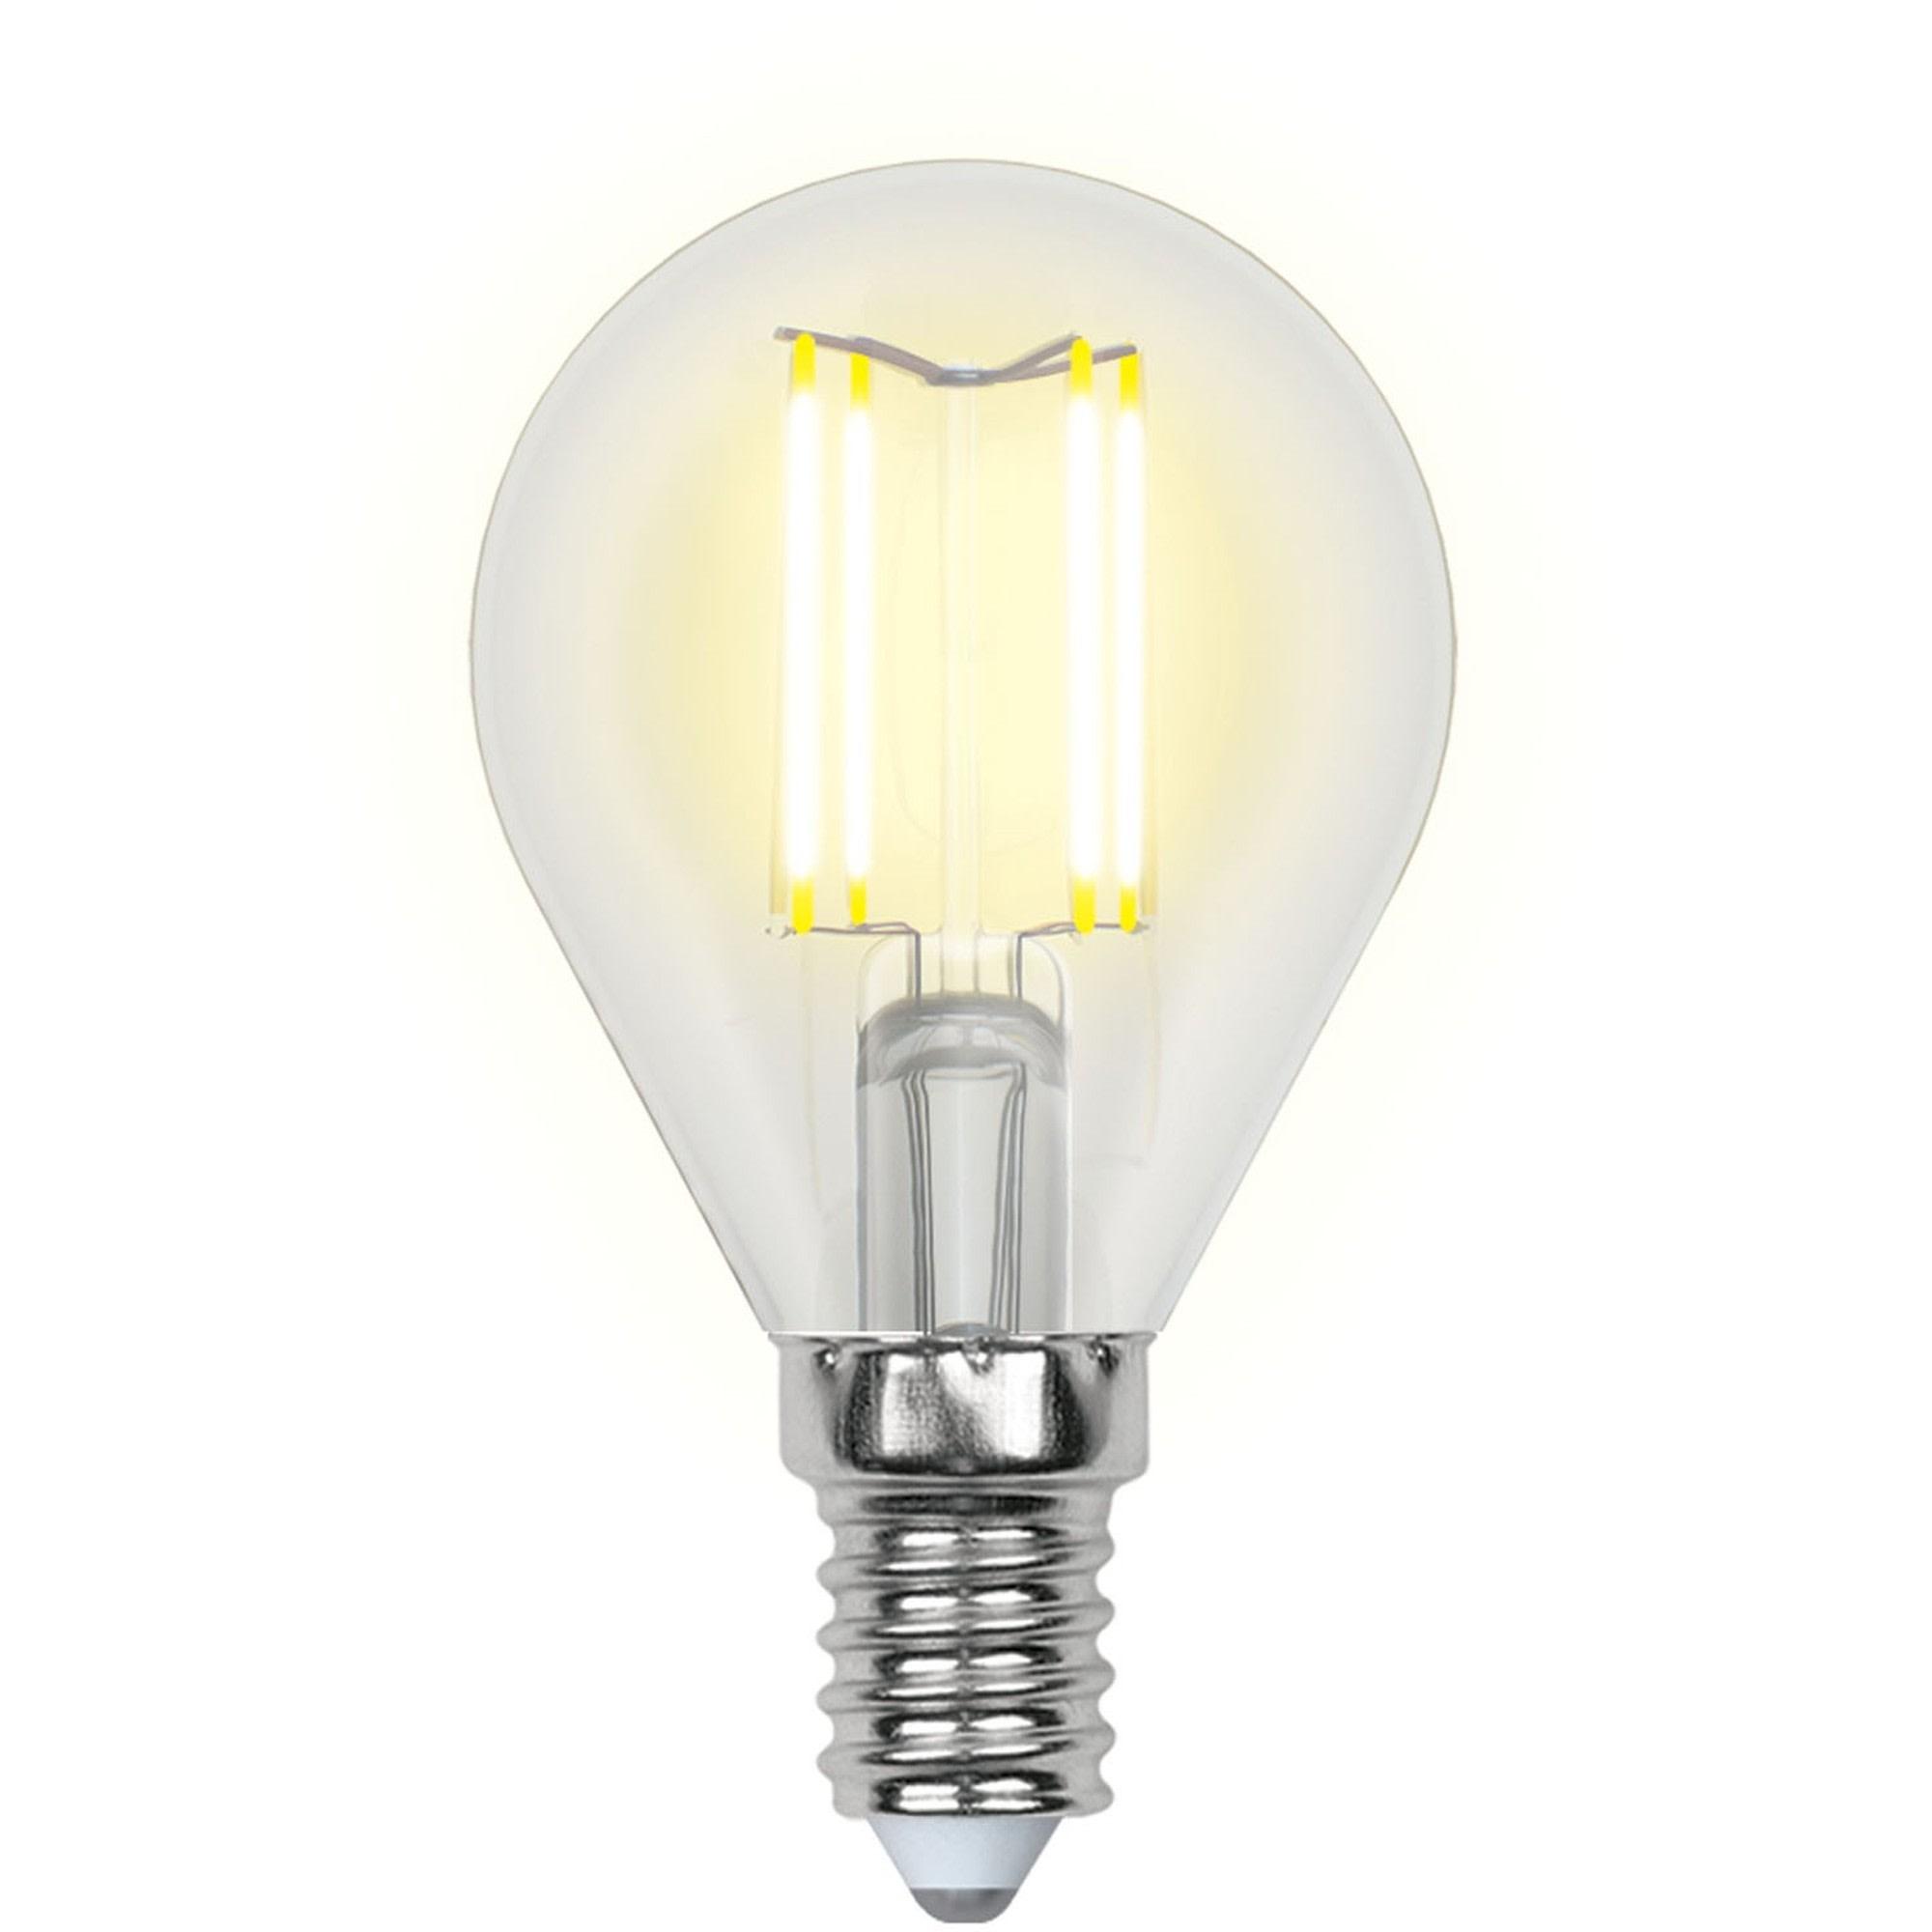 Лампа светодиодная Uniel шар E14 6 Вт 500 Лм свет холодный